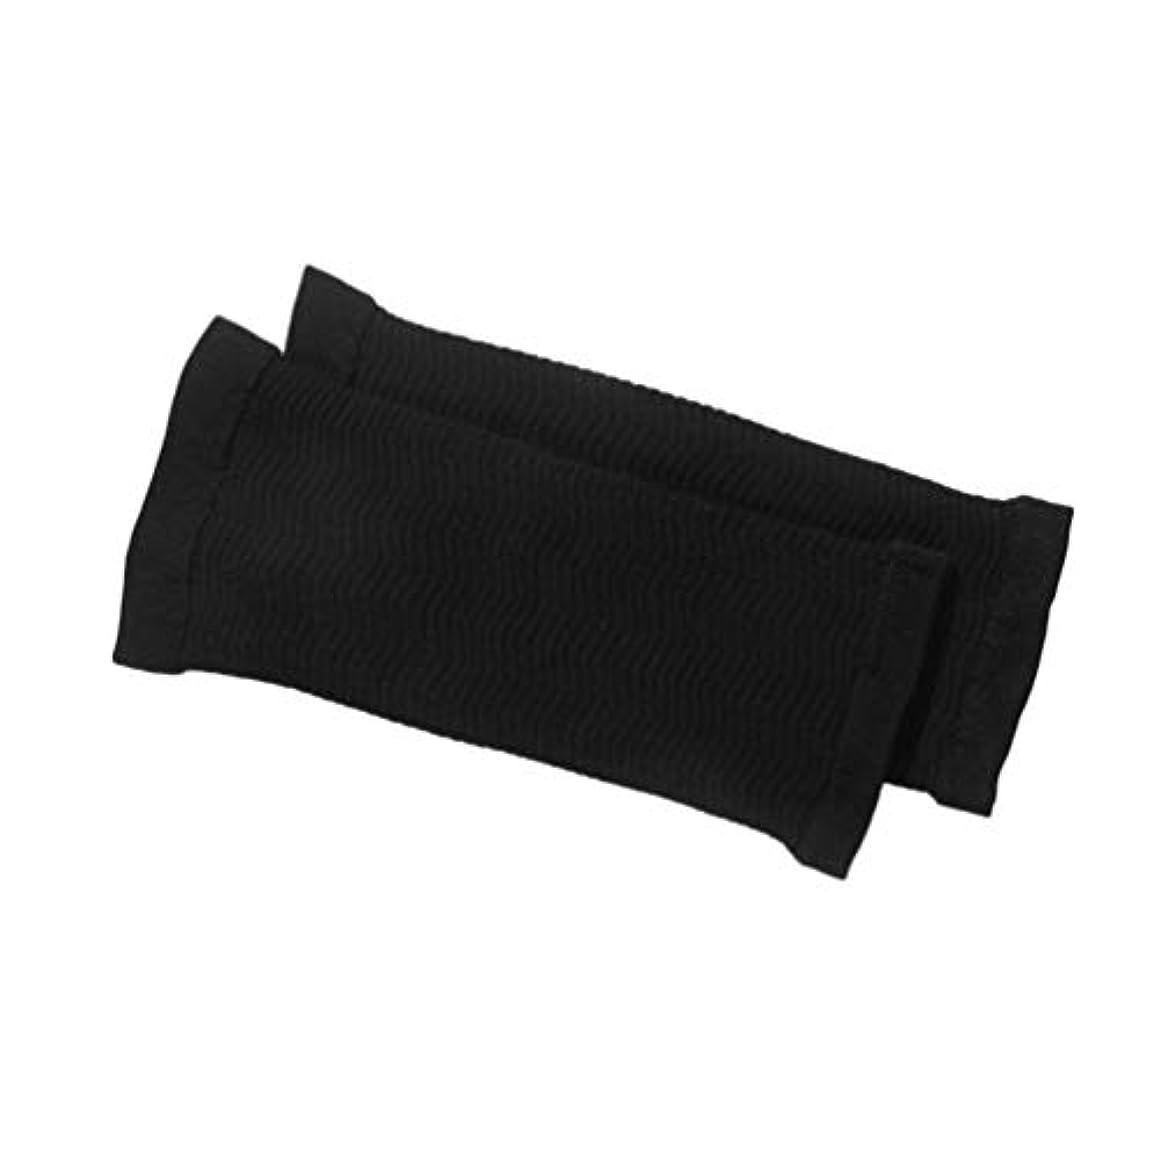 お手入れカエル尽きる1ペア420 D圧縮痩身アームスリーブワークアウトトーニングバーンセルライトシェイパー脂肪燃焼袖用女性 - 黒